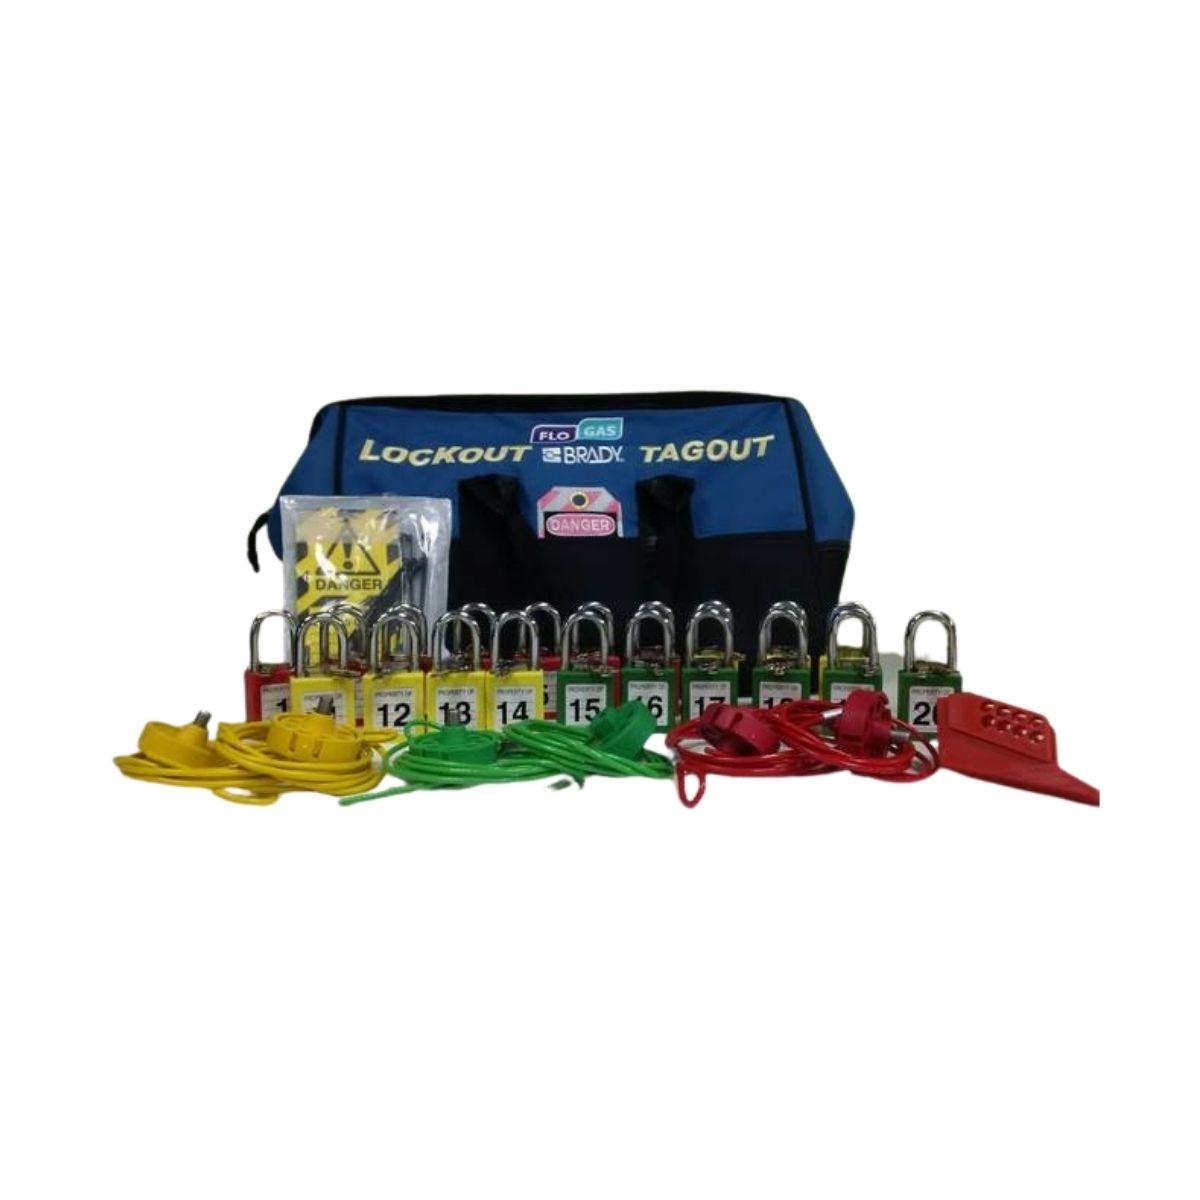 WH6625 Large Lockout Kit